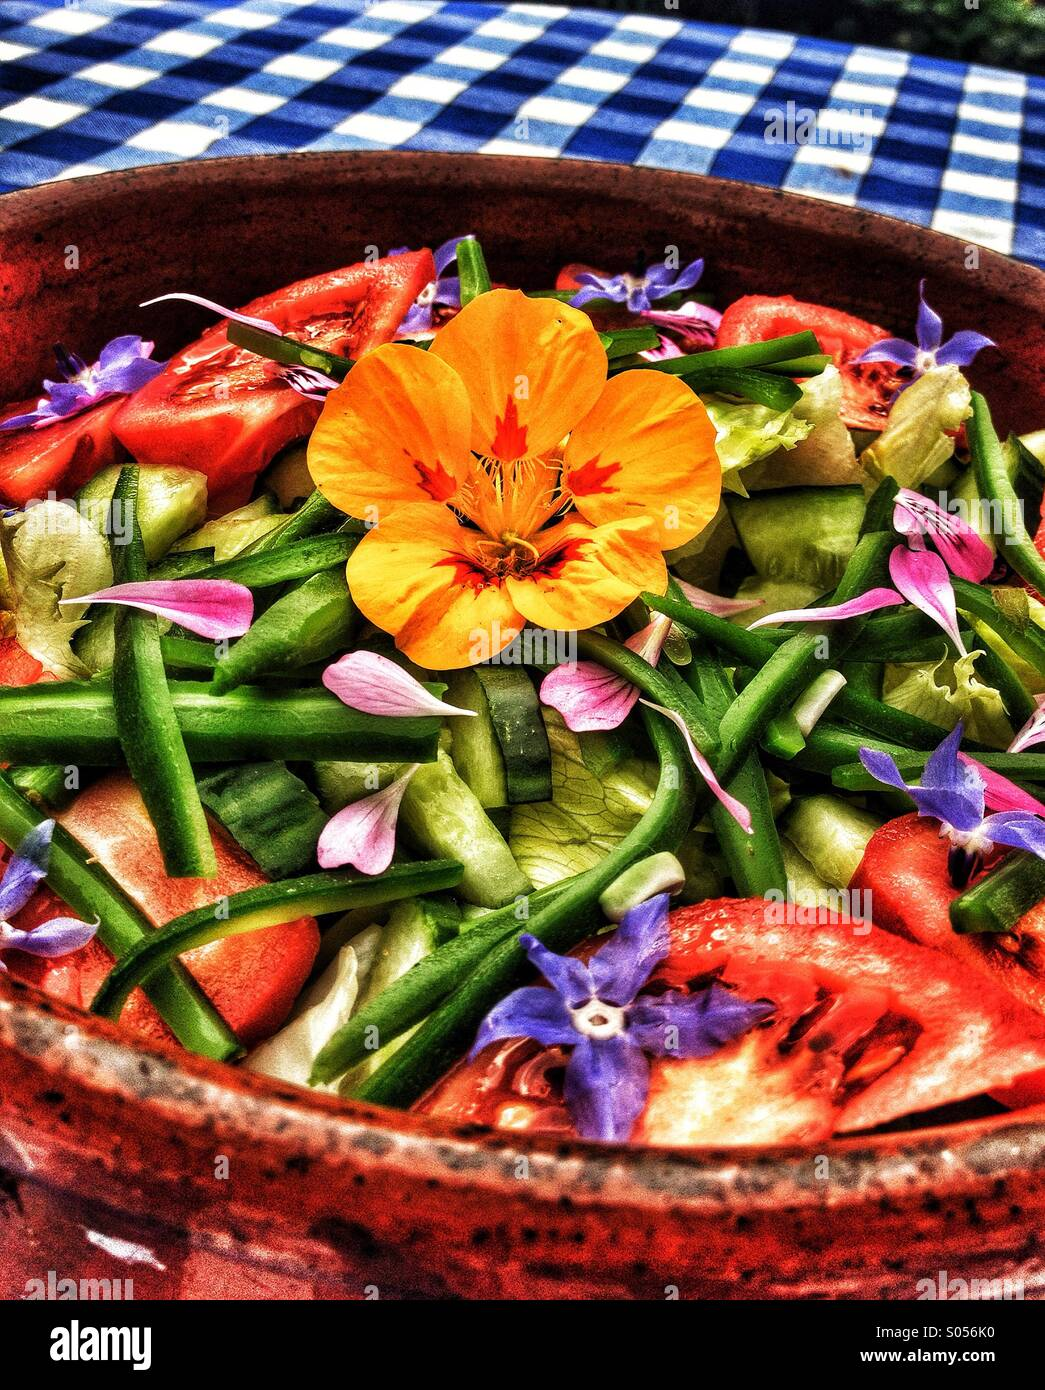 Fesselnd Salat Mit Blume Als Herzstück In Einer Rustikalen Spanischen Schüssel Auf  Einem Tisch Mit Blauen Und Weißen Tischdecke